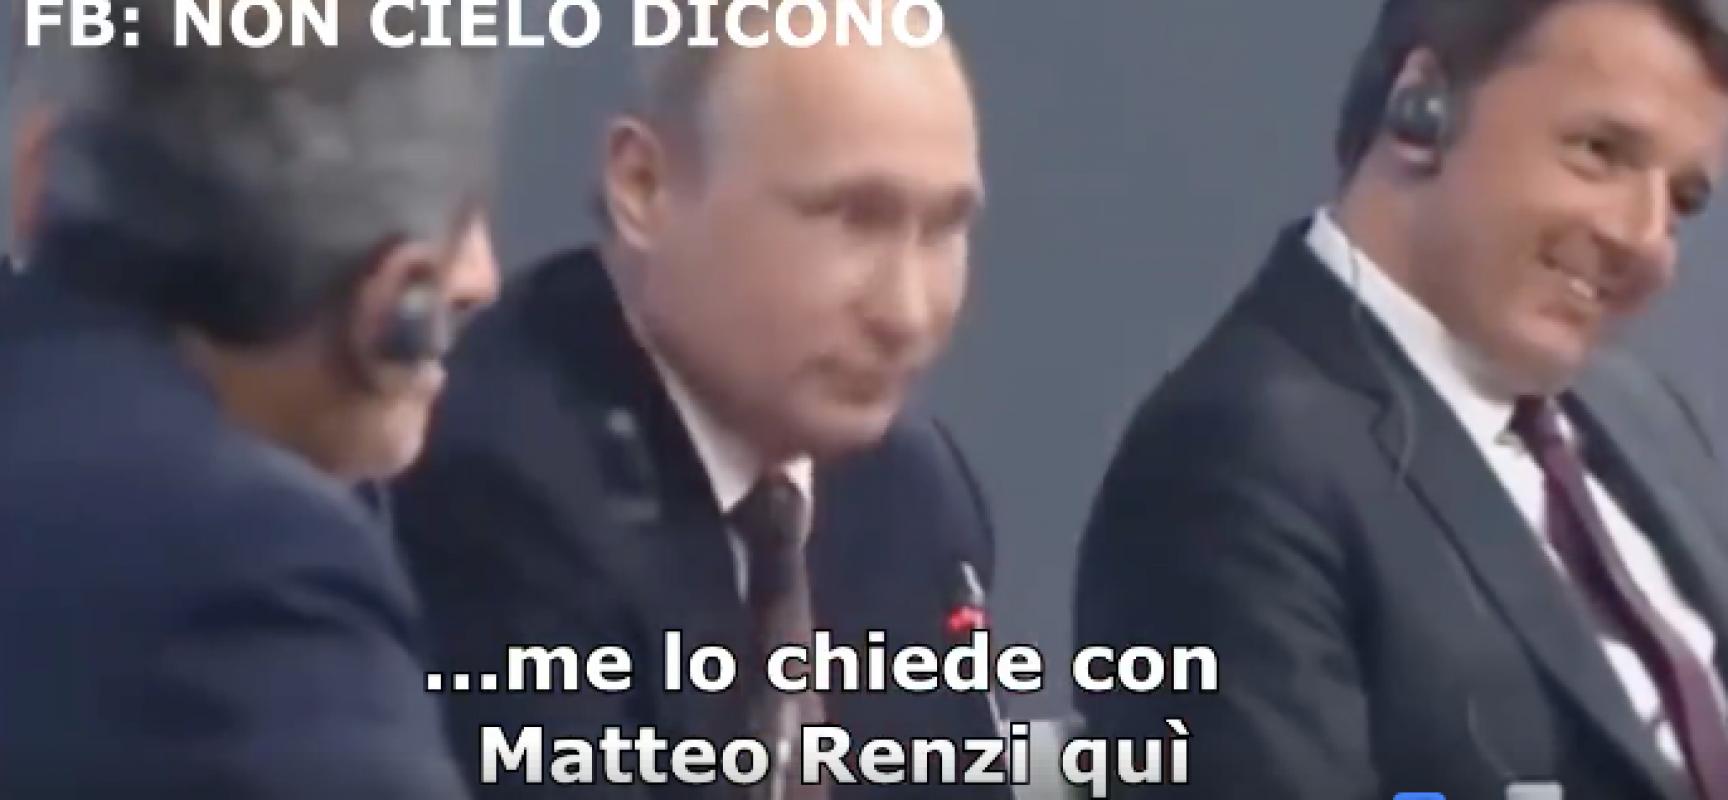 Fake : Putin parla della nazionale di calcio italiana di fronte a Renzi